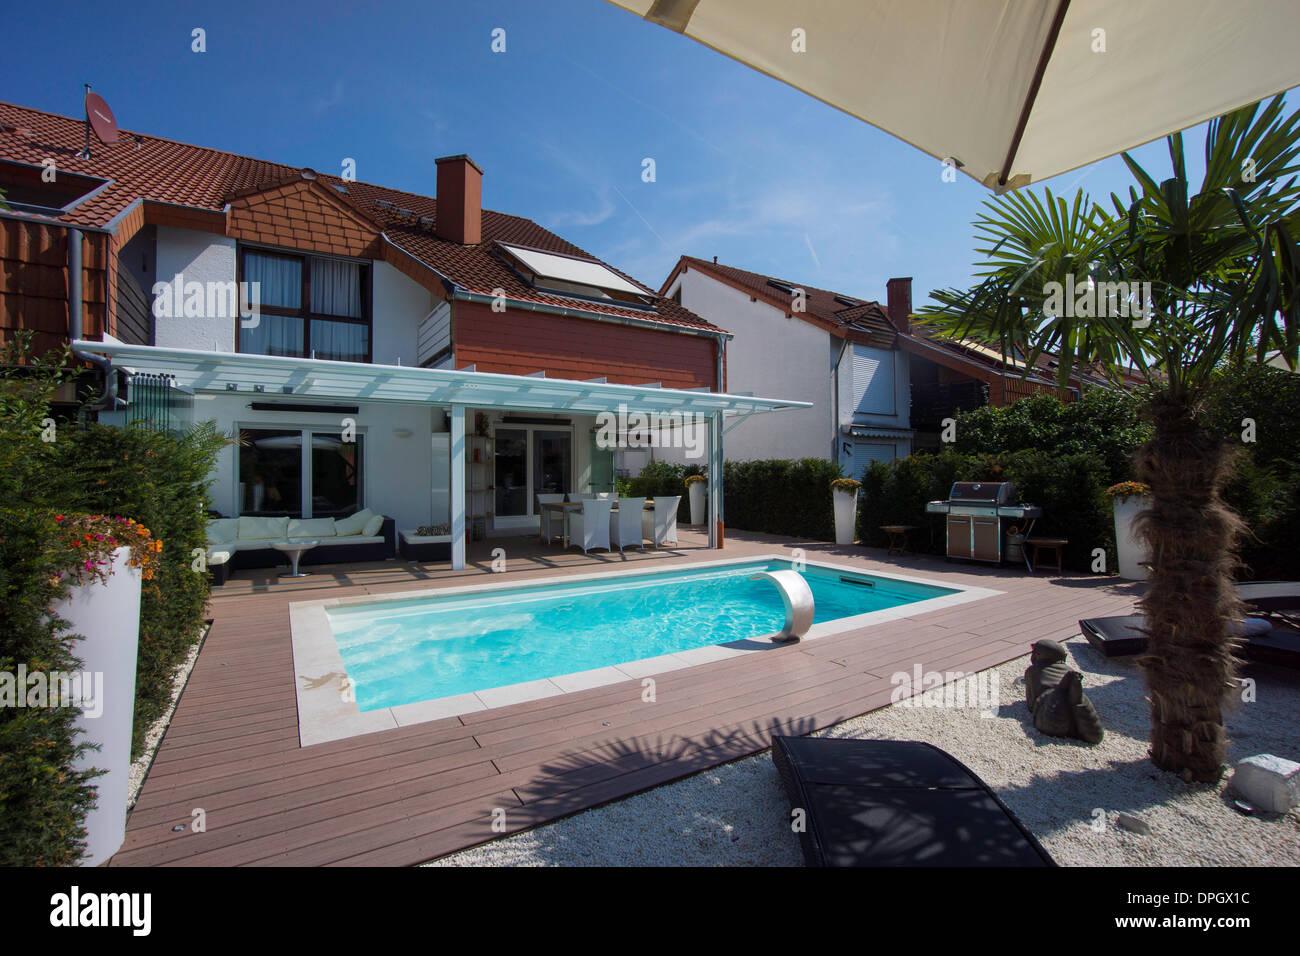 Giardino Dinverno In Casa : Privato casa a schiera con giardino giardino dinverno la piscina